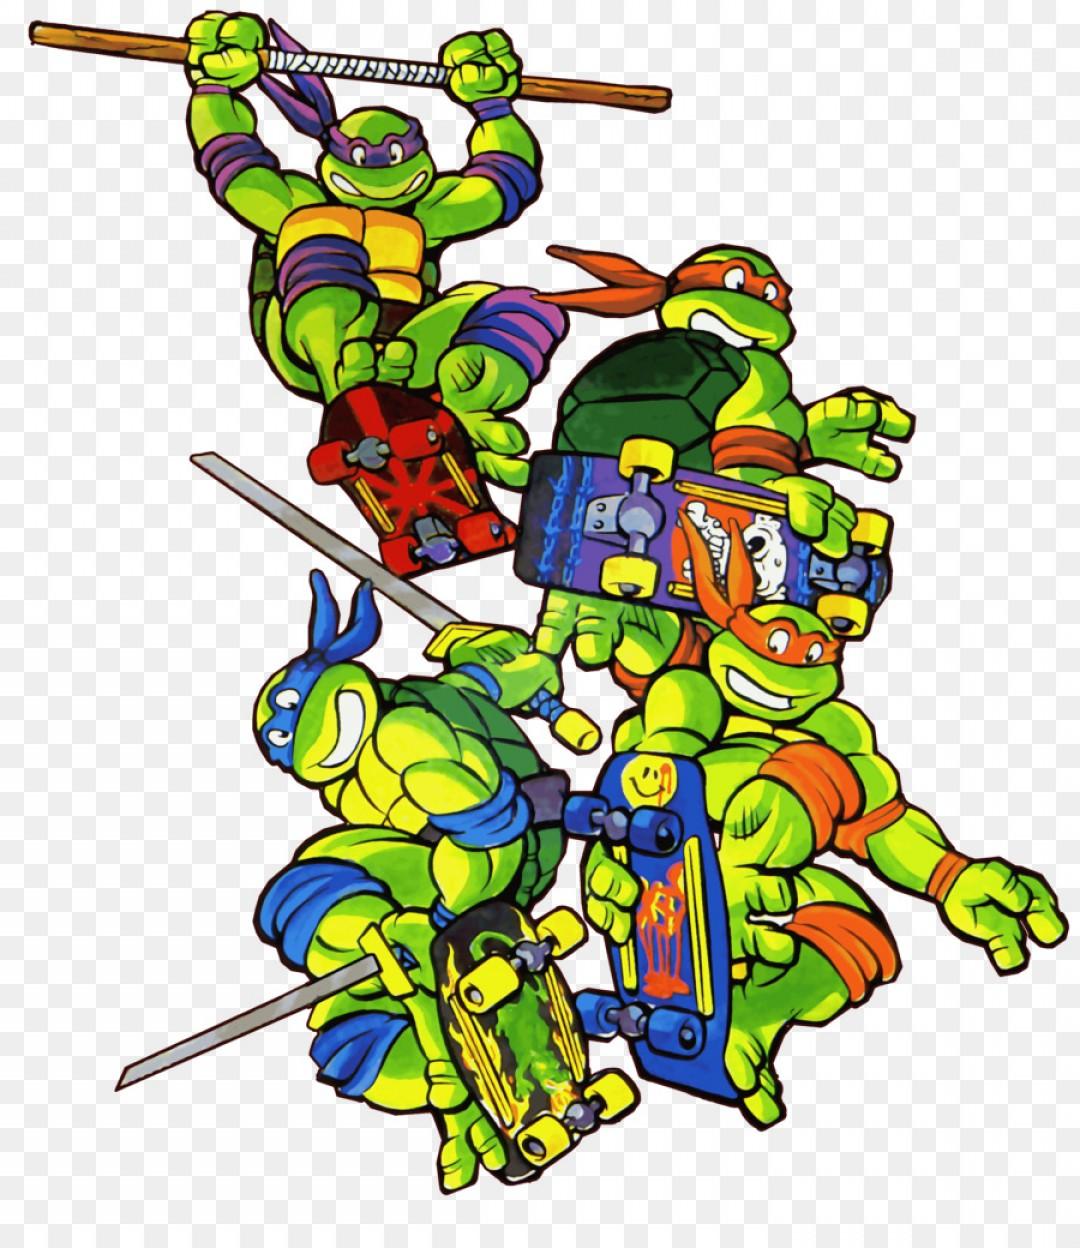 1080x1248 Png Teenage Mutant Ninja Turtles Turtles In Time Teena Createmepink